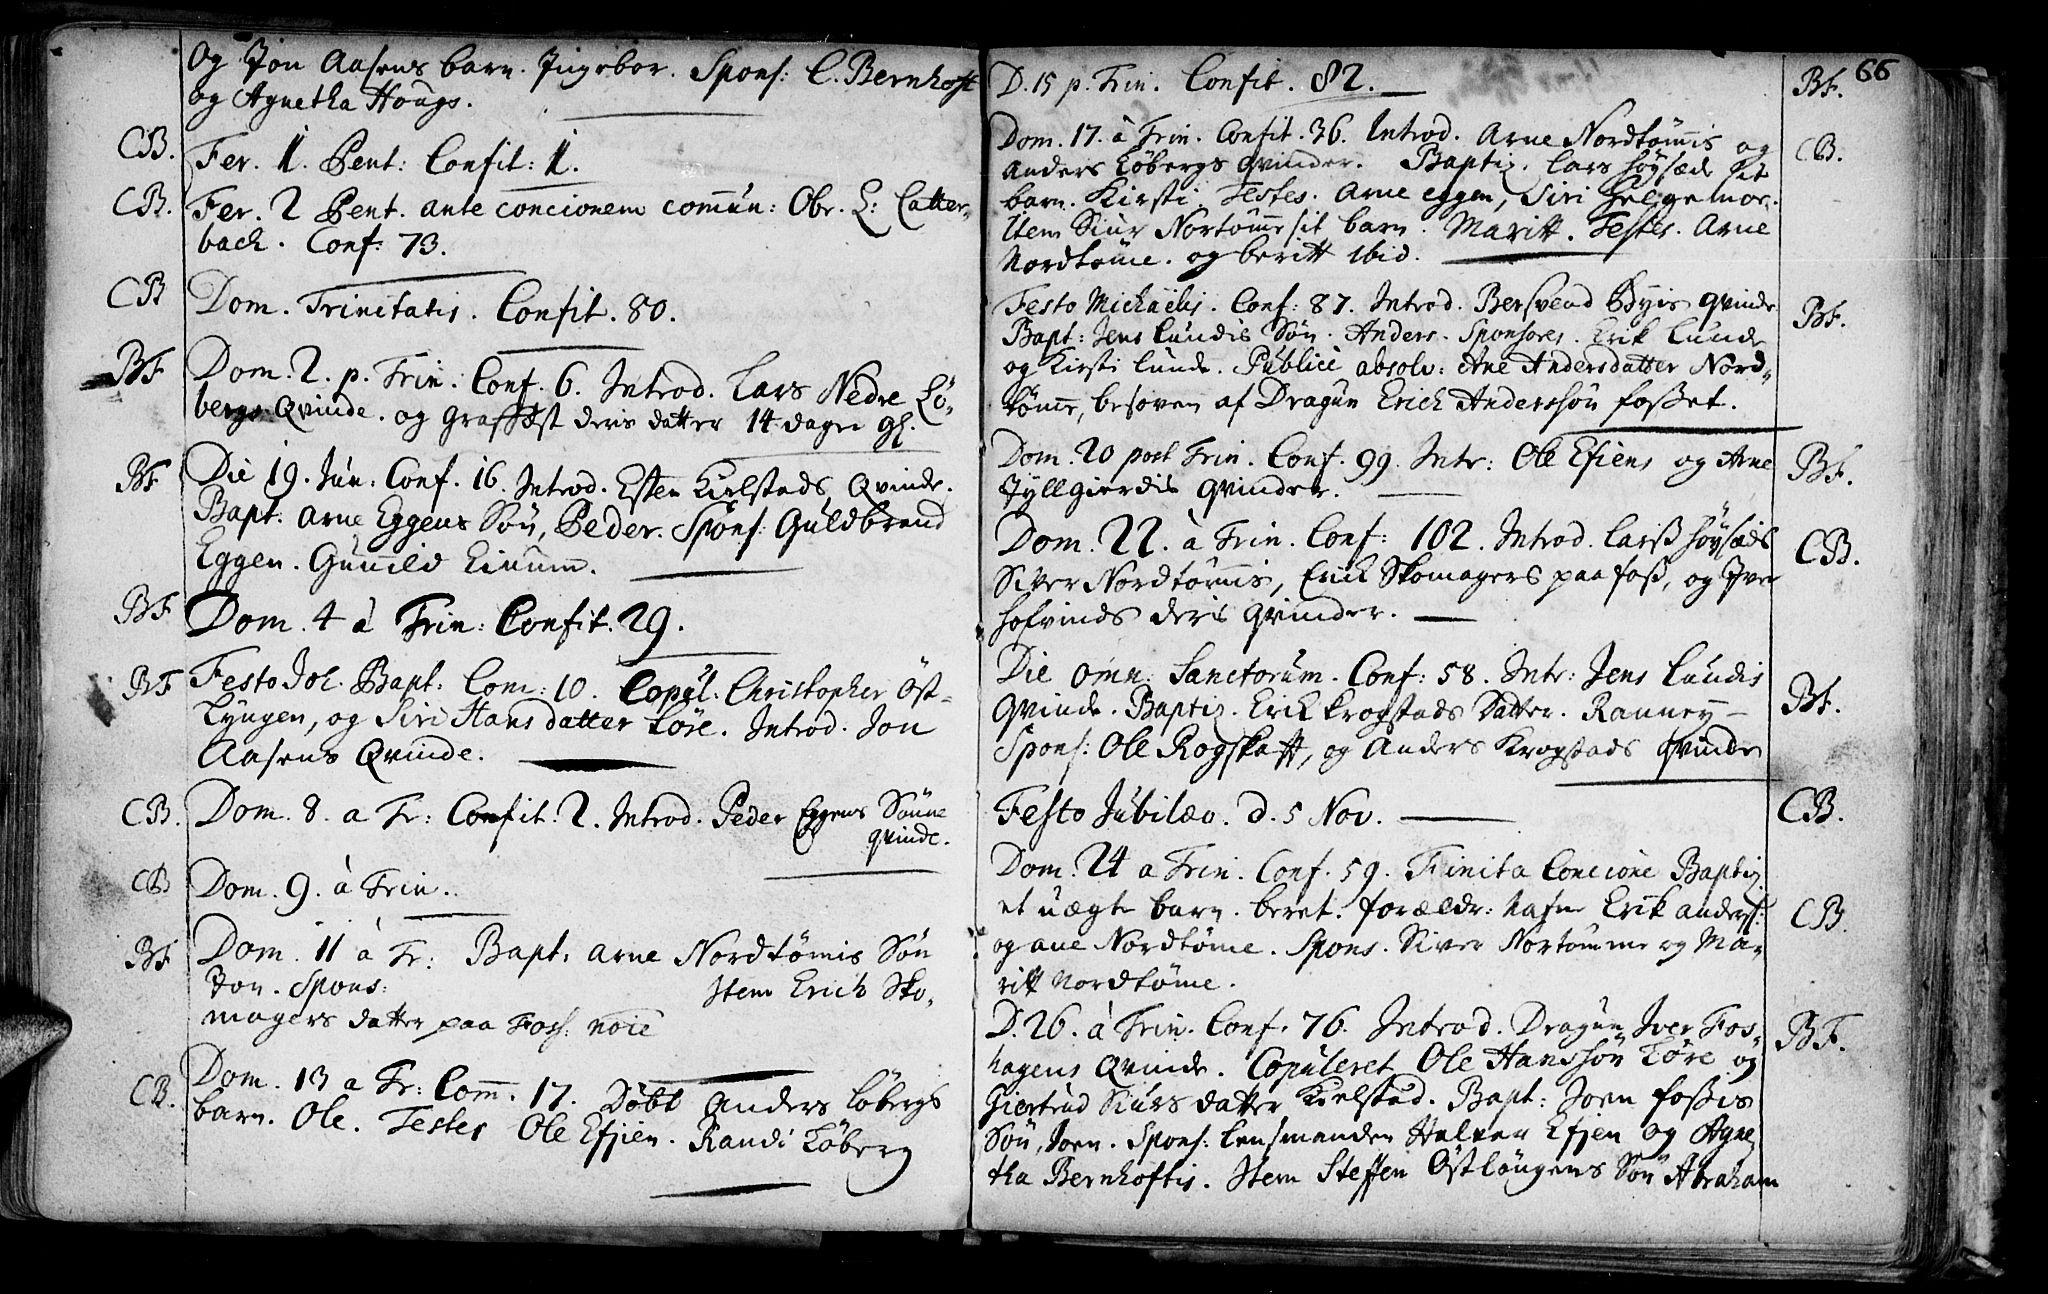 SAT, Ministerialprotokoller, klokkerbøker og fødselsregistre - Sør-Trøndelag, 692/L1101: Ministerialbok nr. 692A01, 1690-1746, s. 66